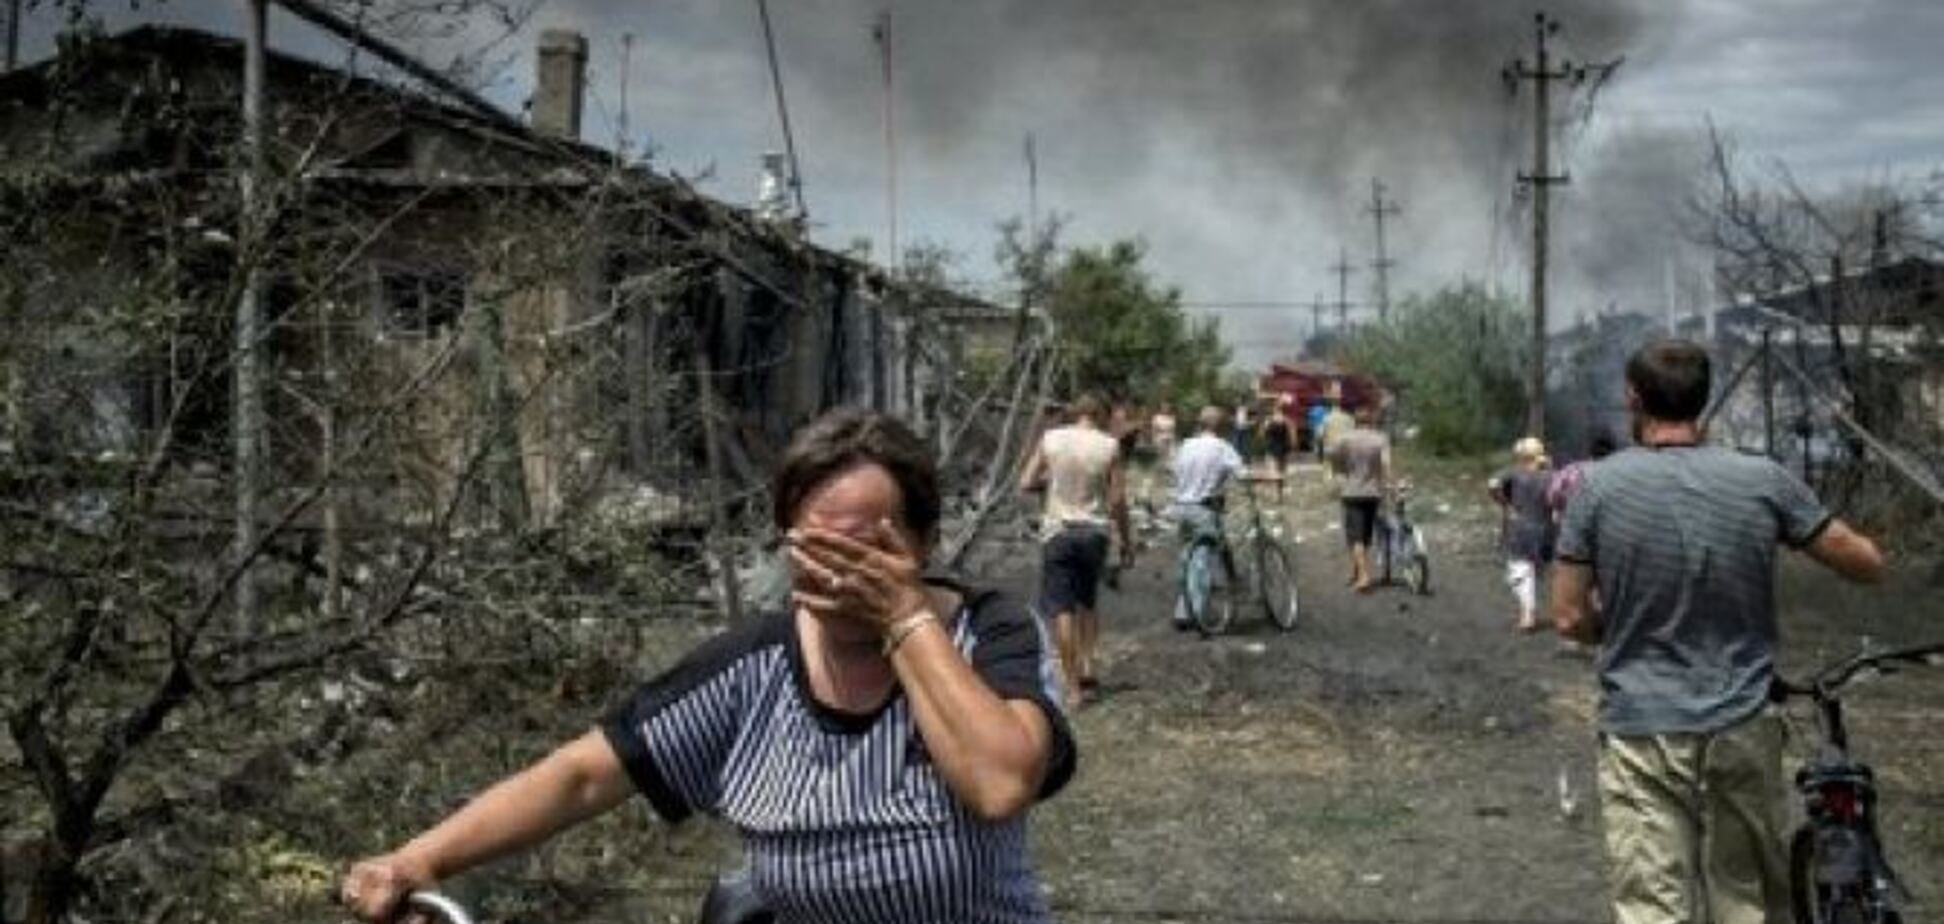 Скільки мирних жителів Донбасу загинули у жовтні: з'явилася сумна статистика